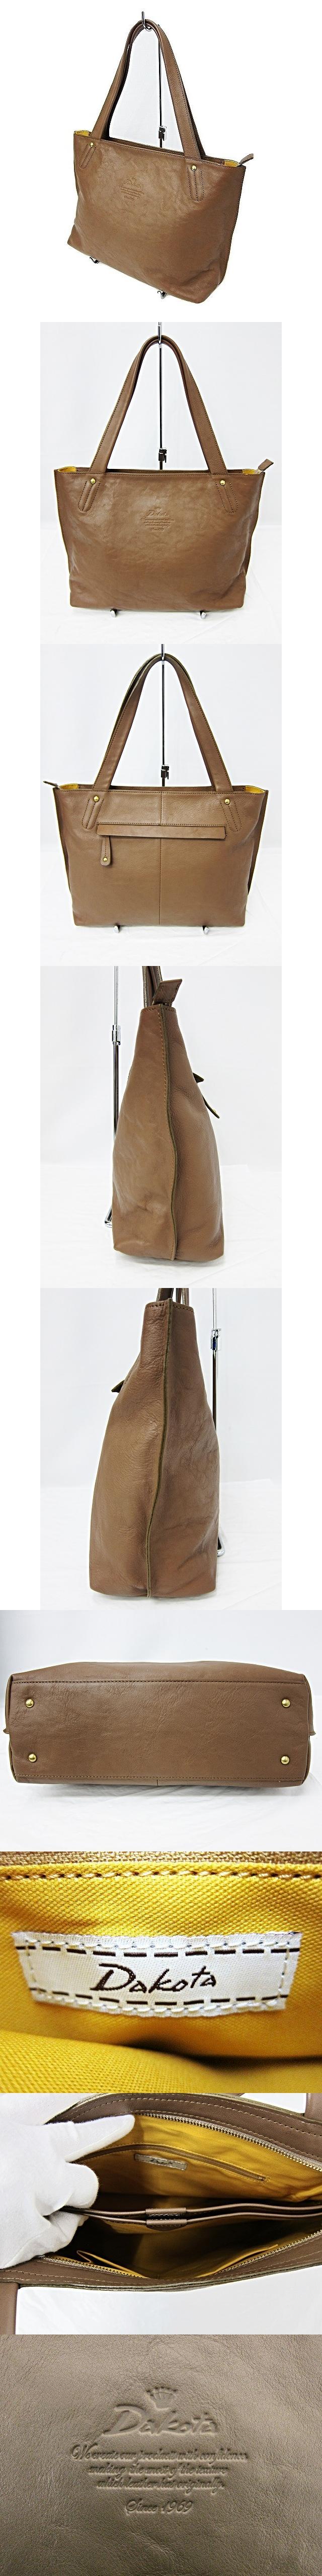 レザートートバッグ 茶 ブラウン ロゴ型押し 牛革 日本製 鞄 かばん ハンド